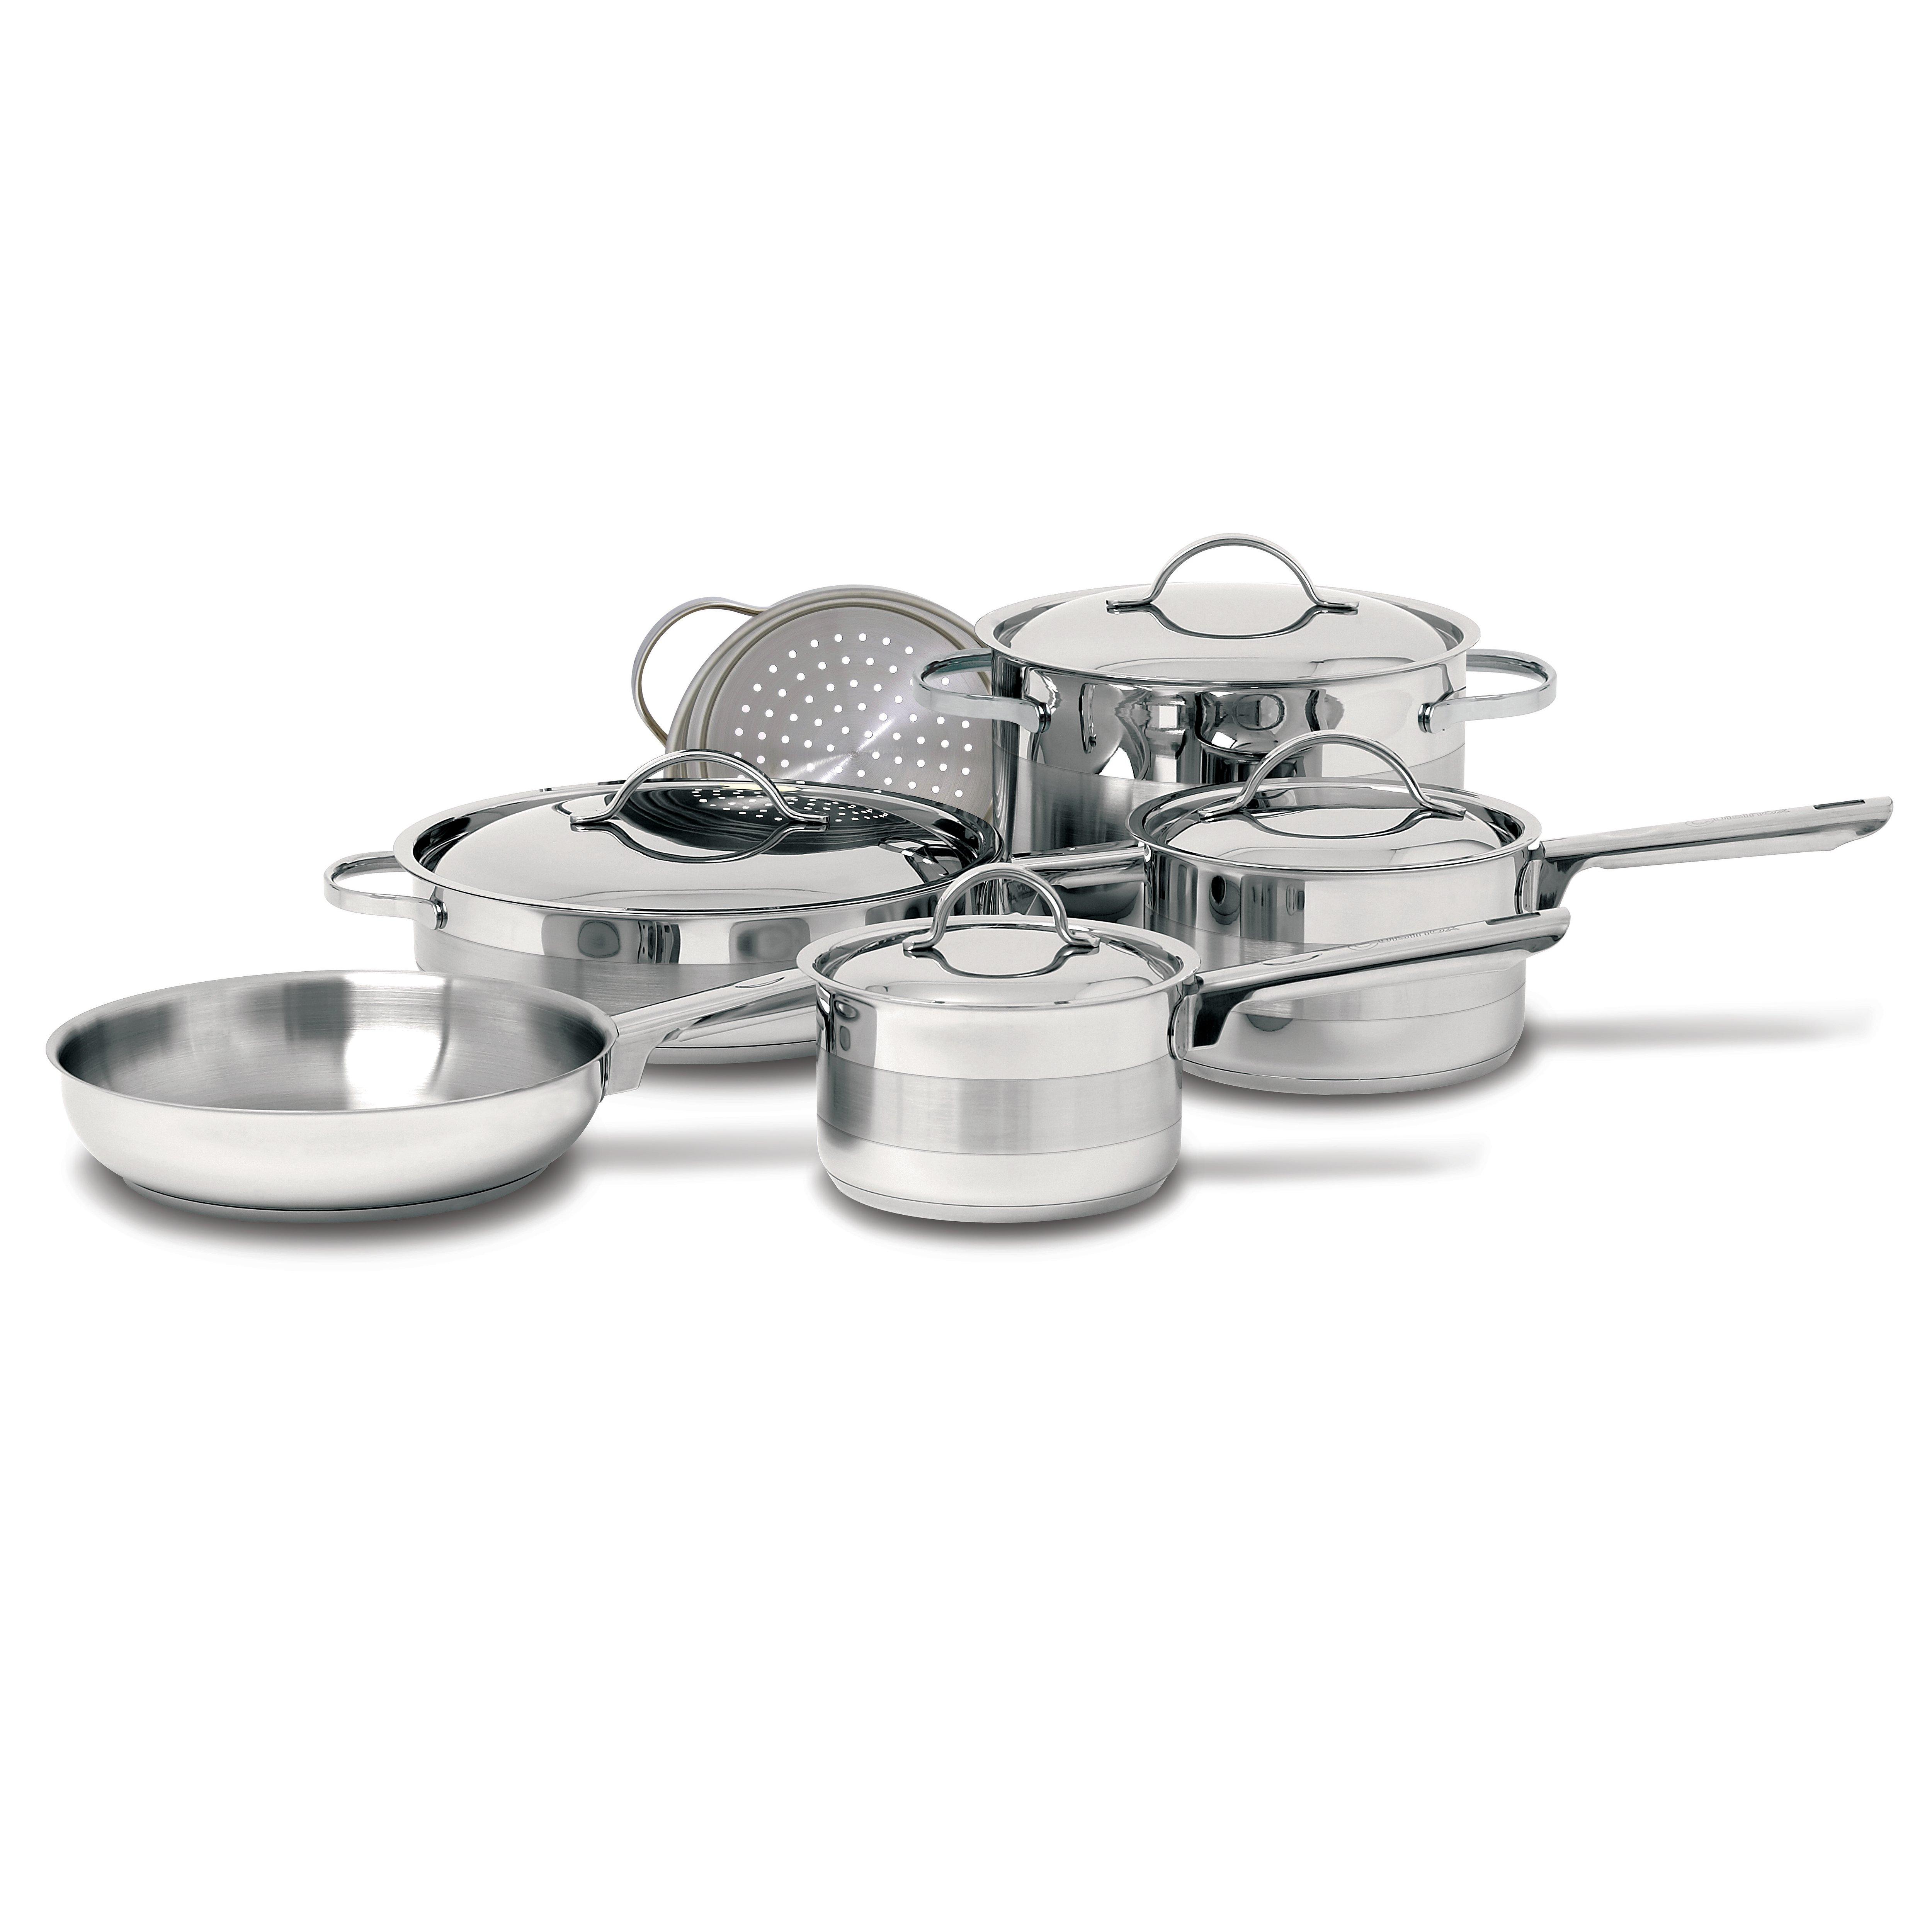 Cuisinox Gourmet 10 Piece Cookware Set gimme the good stuff